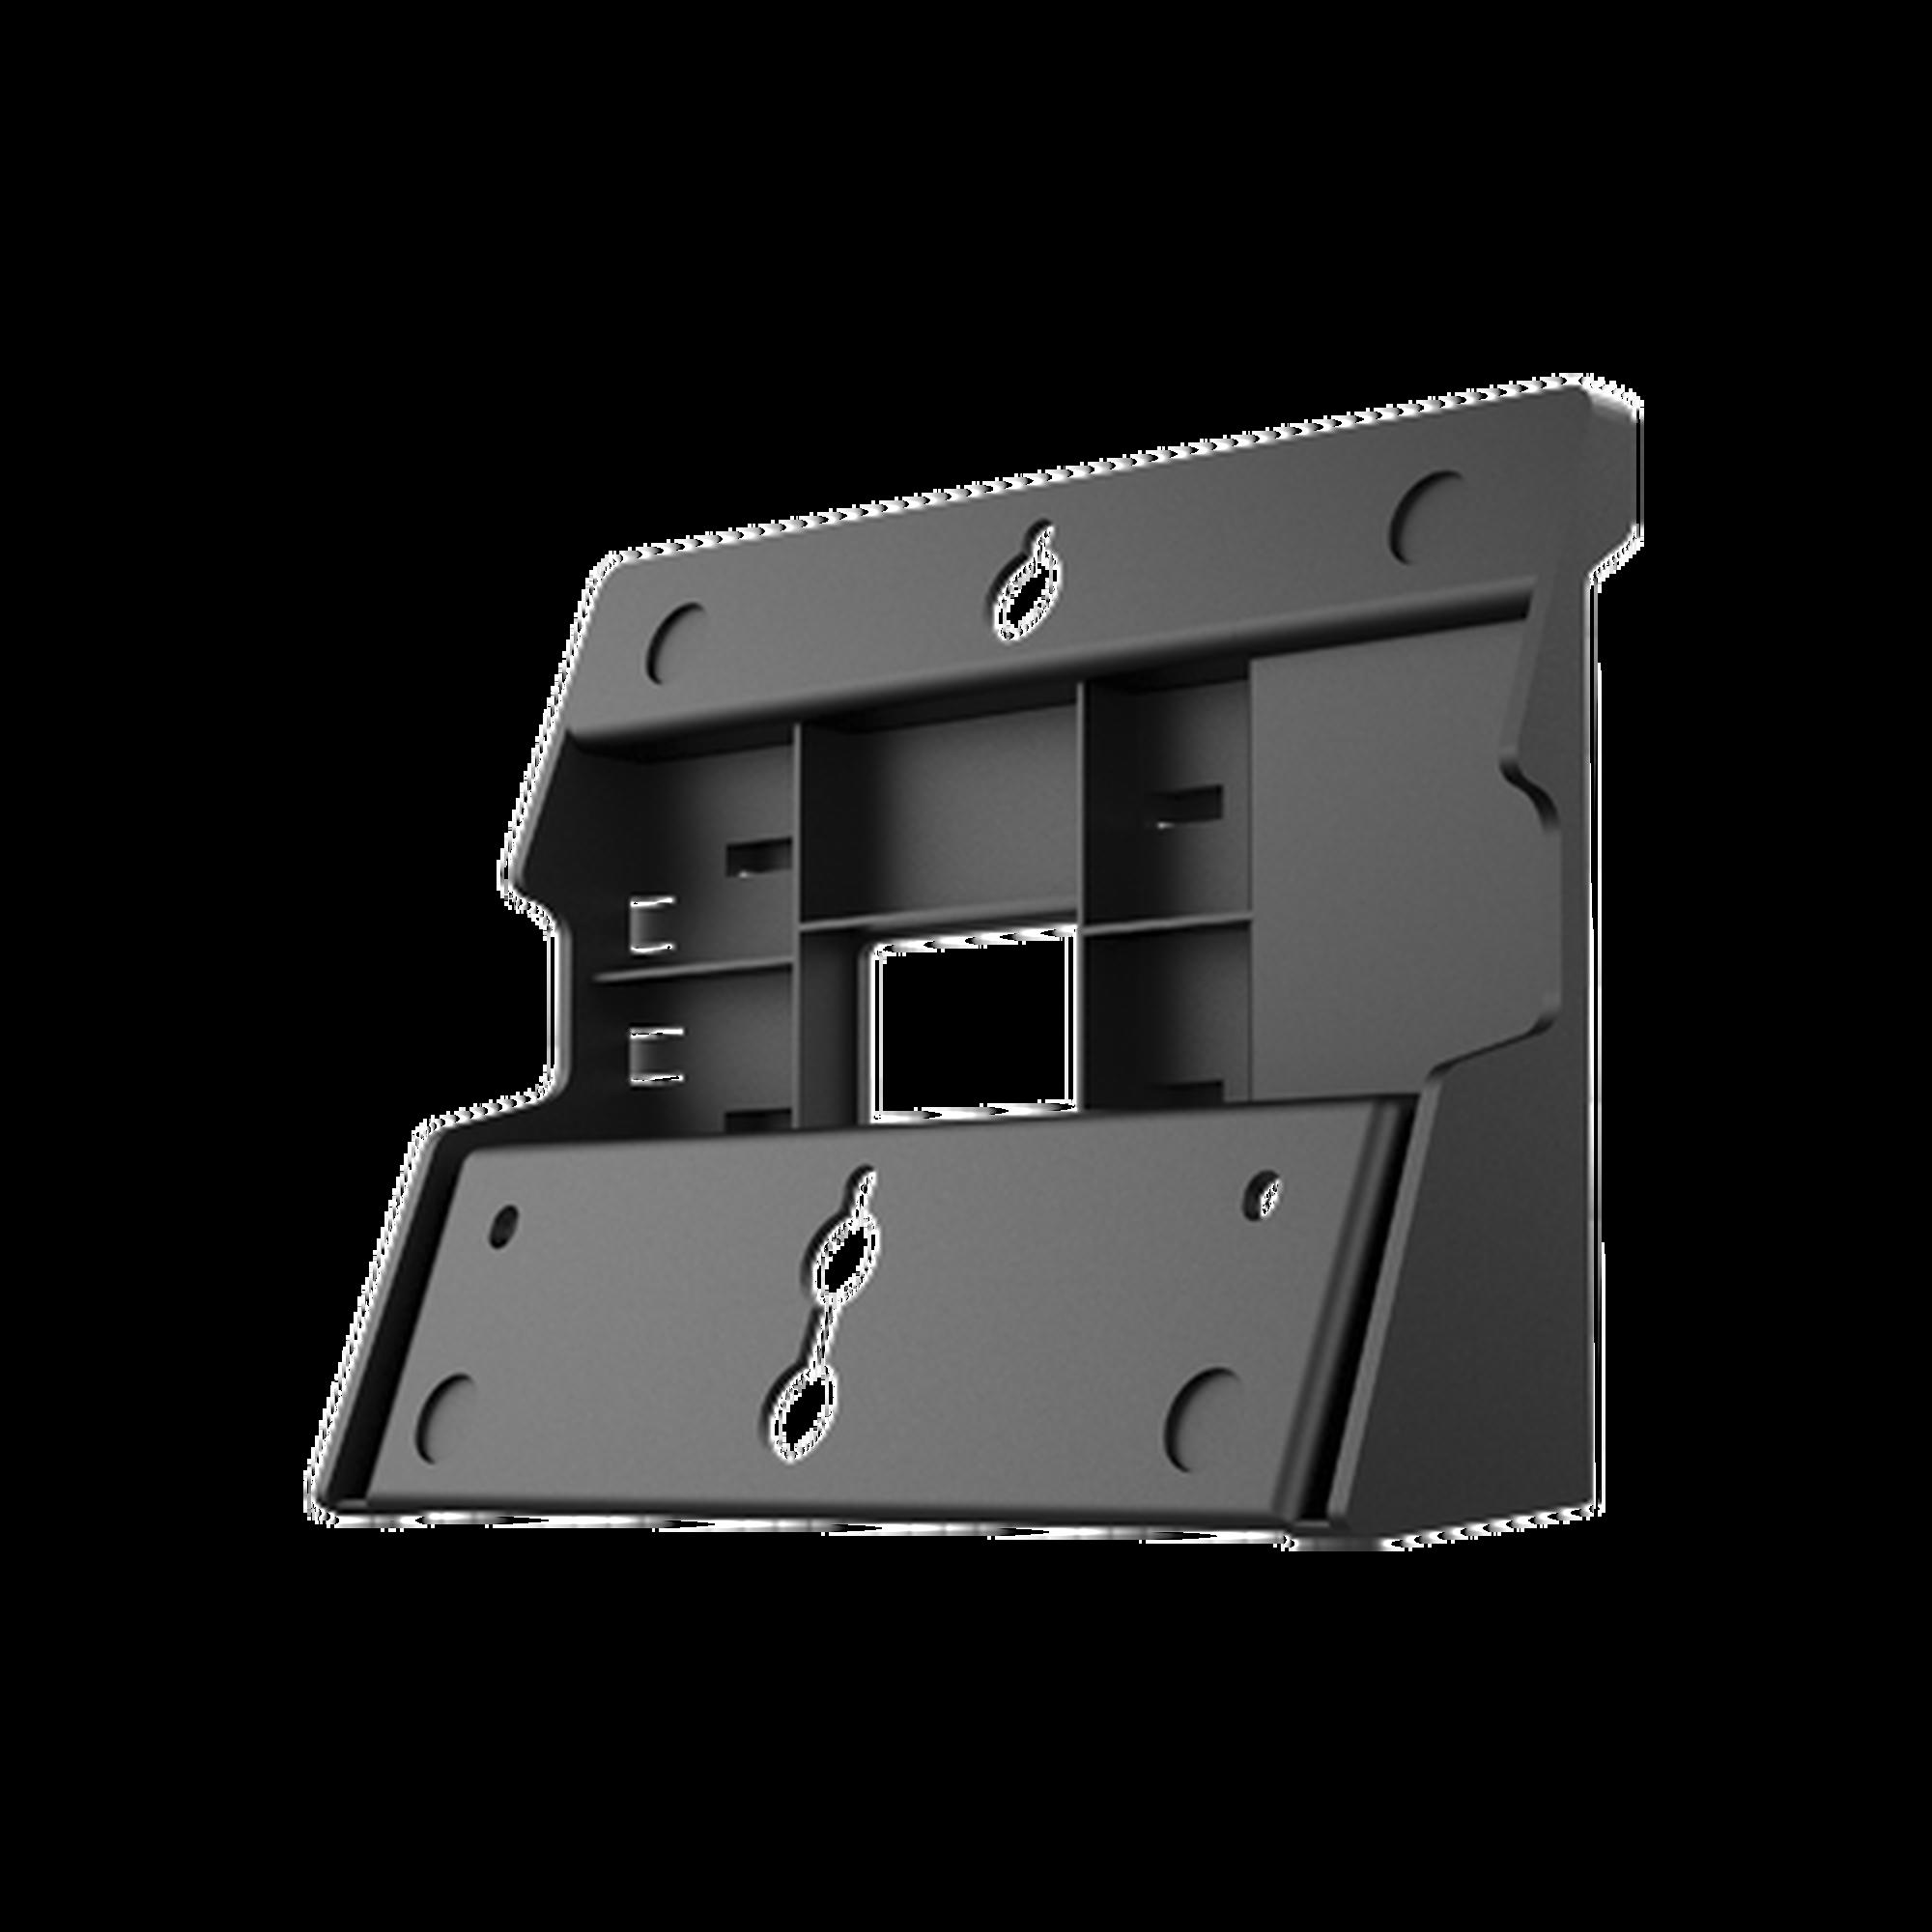 Montaje de pared para teléfonos IP Fanvil modelo X4SG/X4U/X5U/X5U-R/X6U